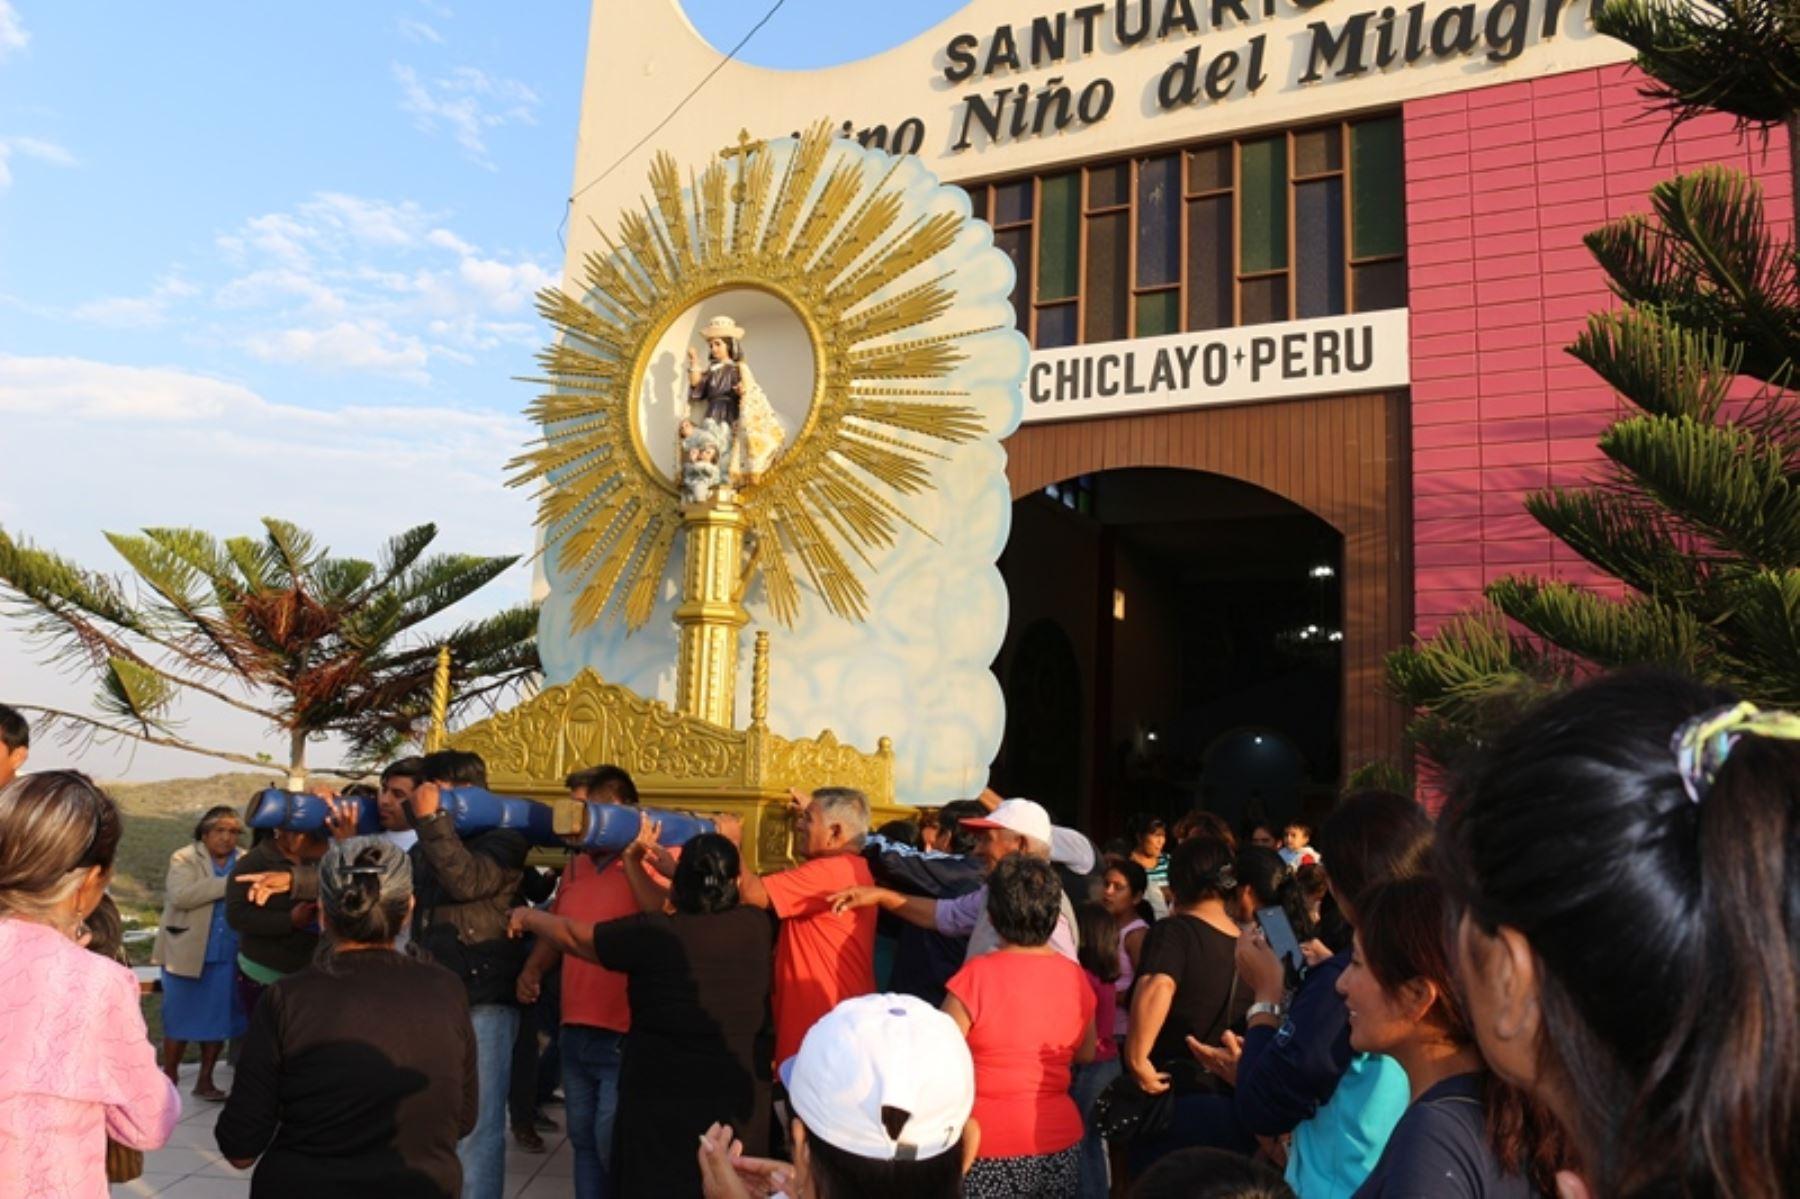 La Cruz de Motupe y la imagen del Divino Niño del Milagro de la Ciudad Eten serán trasladadas desde la región Lambayeque hacia Trujillo para acompañar al Papa Francisco durante la visita que realizará el 20 de enero del 2018 a esa ciudad capital de la región La Libertad. ANDINA/Difusión